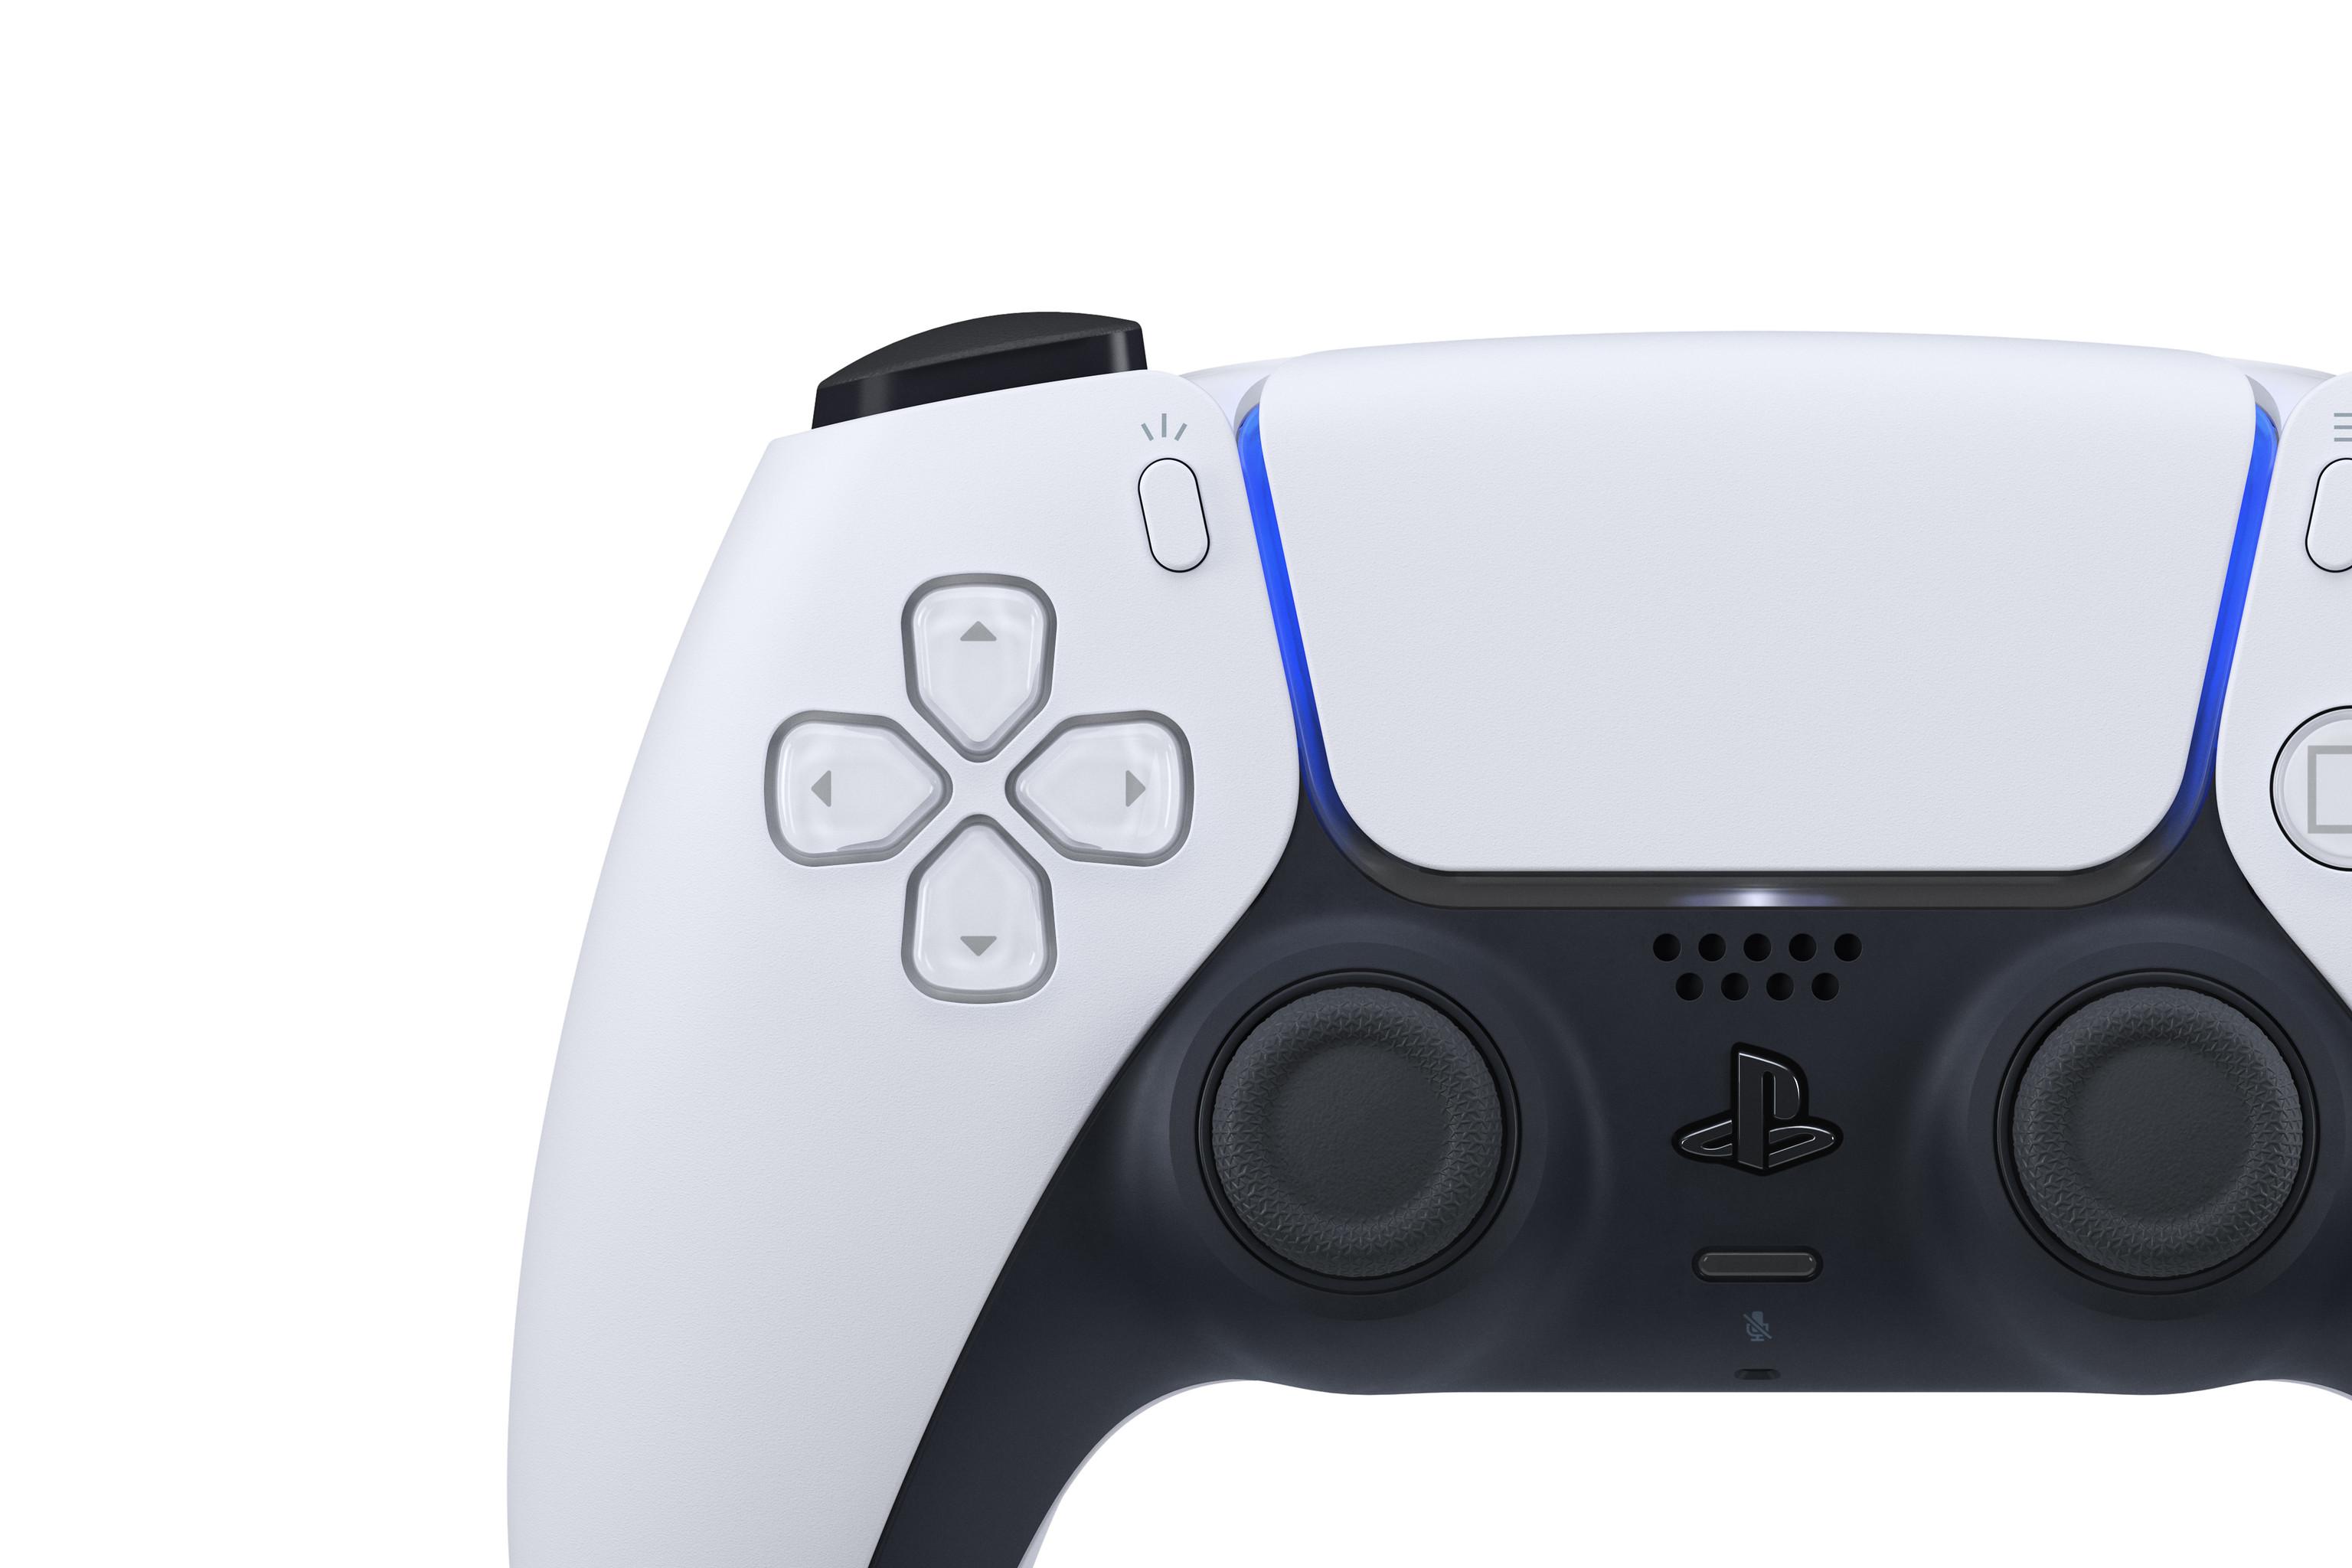 Déjà évoquée, la PlayStation 5 Pro pourrait être la première console à embarquer deux SoCs